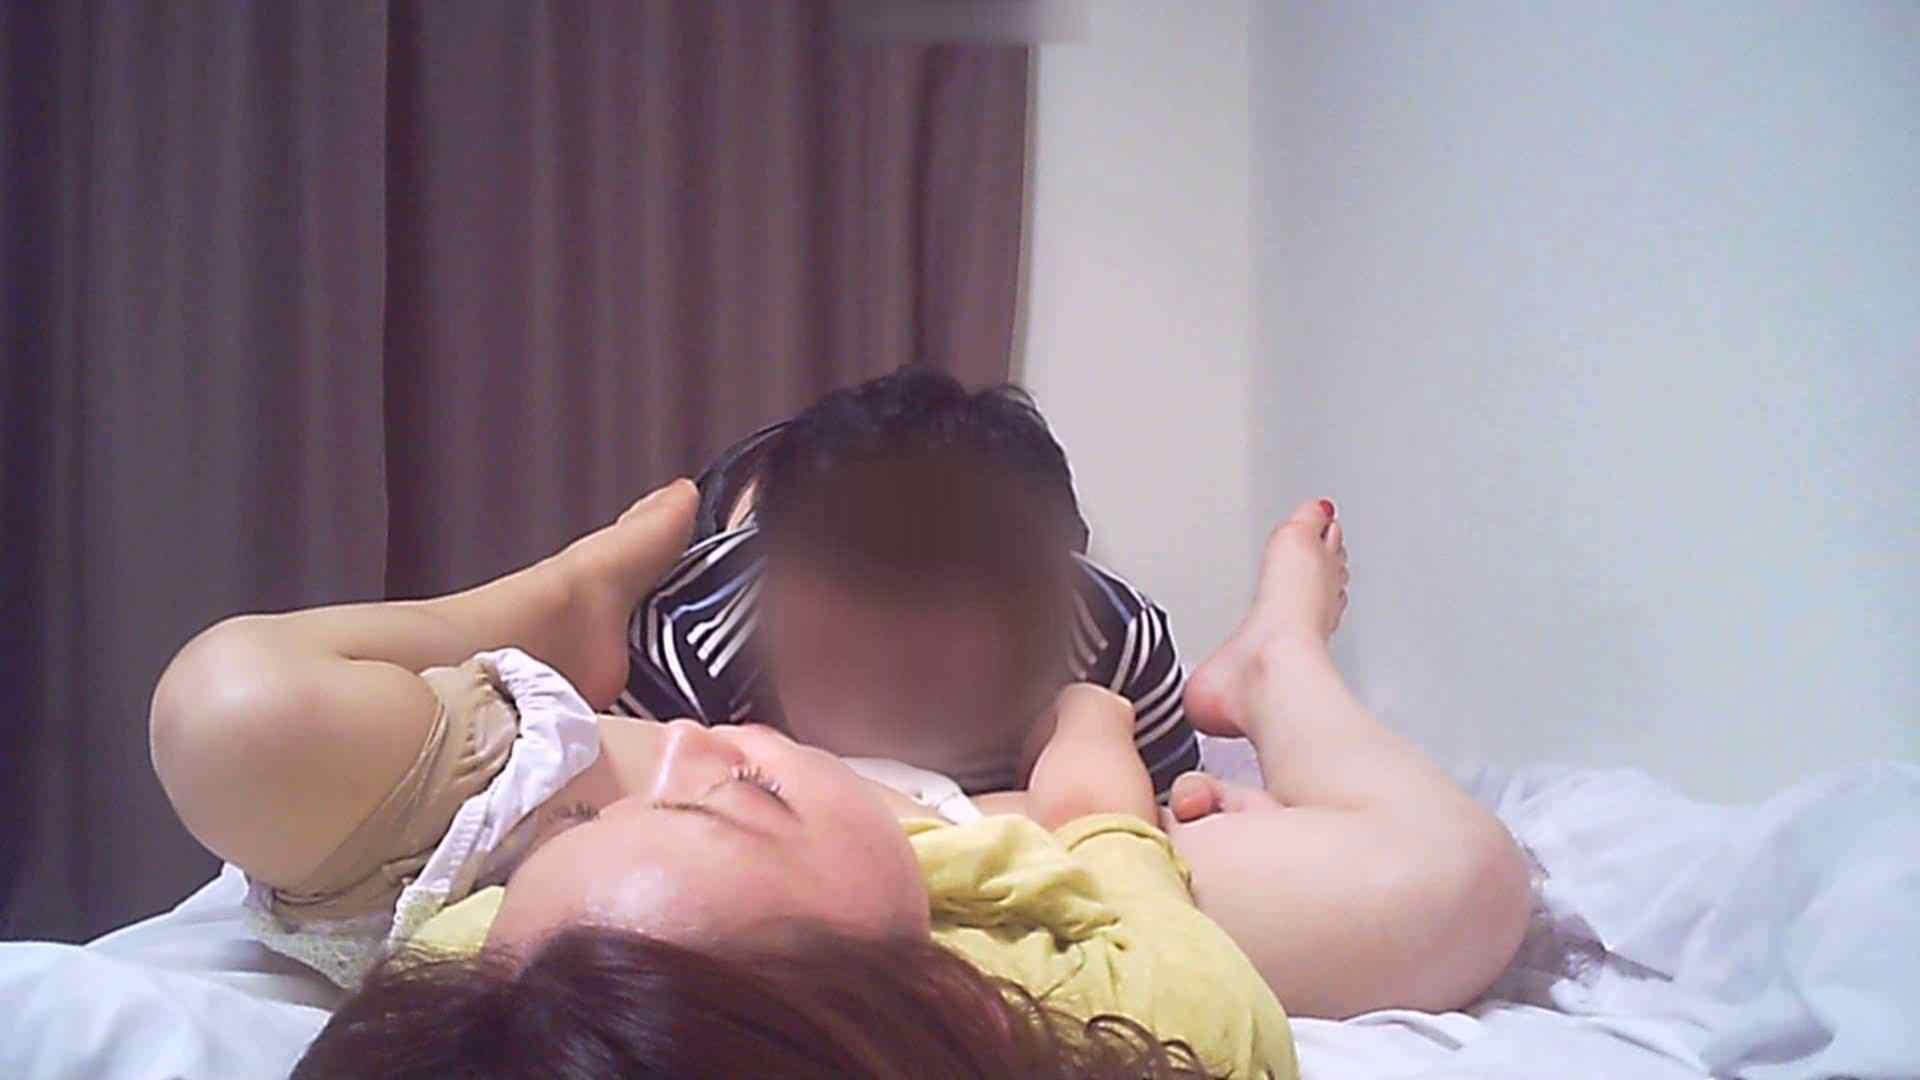 乳首大き目の24歳Y子 SEX クンニ編 丸見え | いじくり  92枚 34